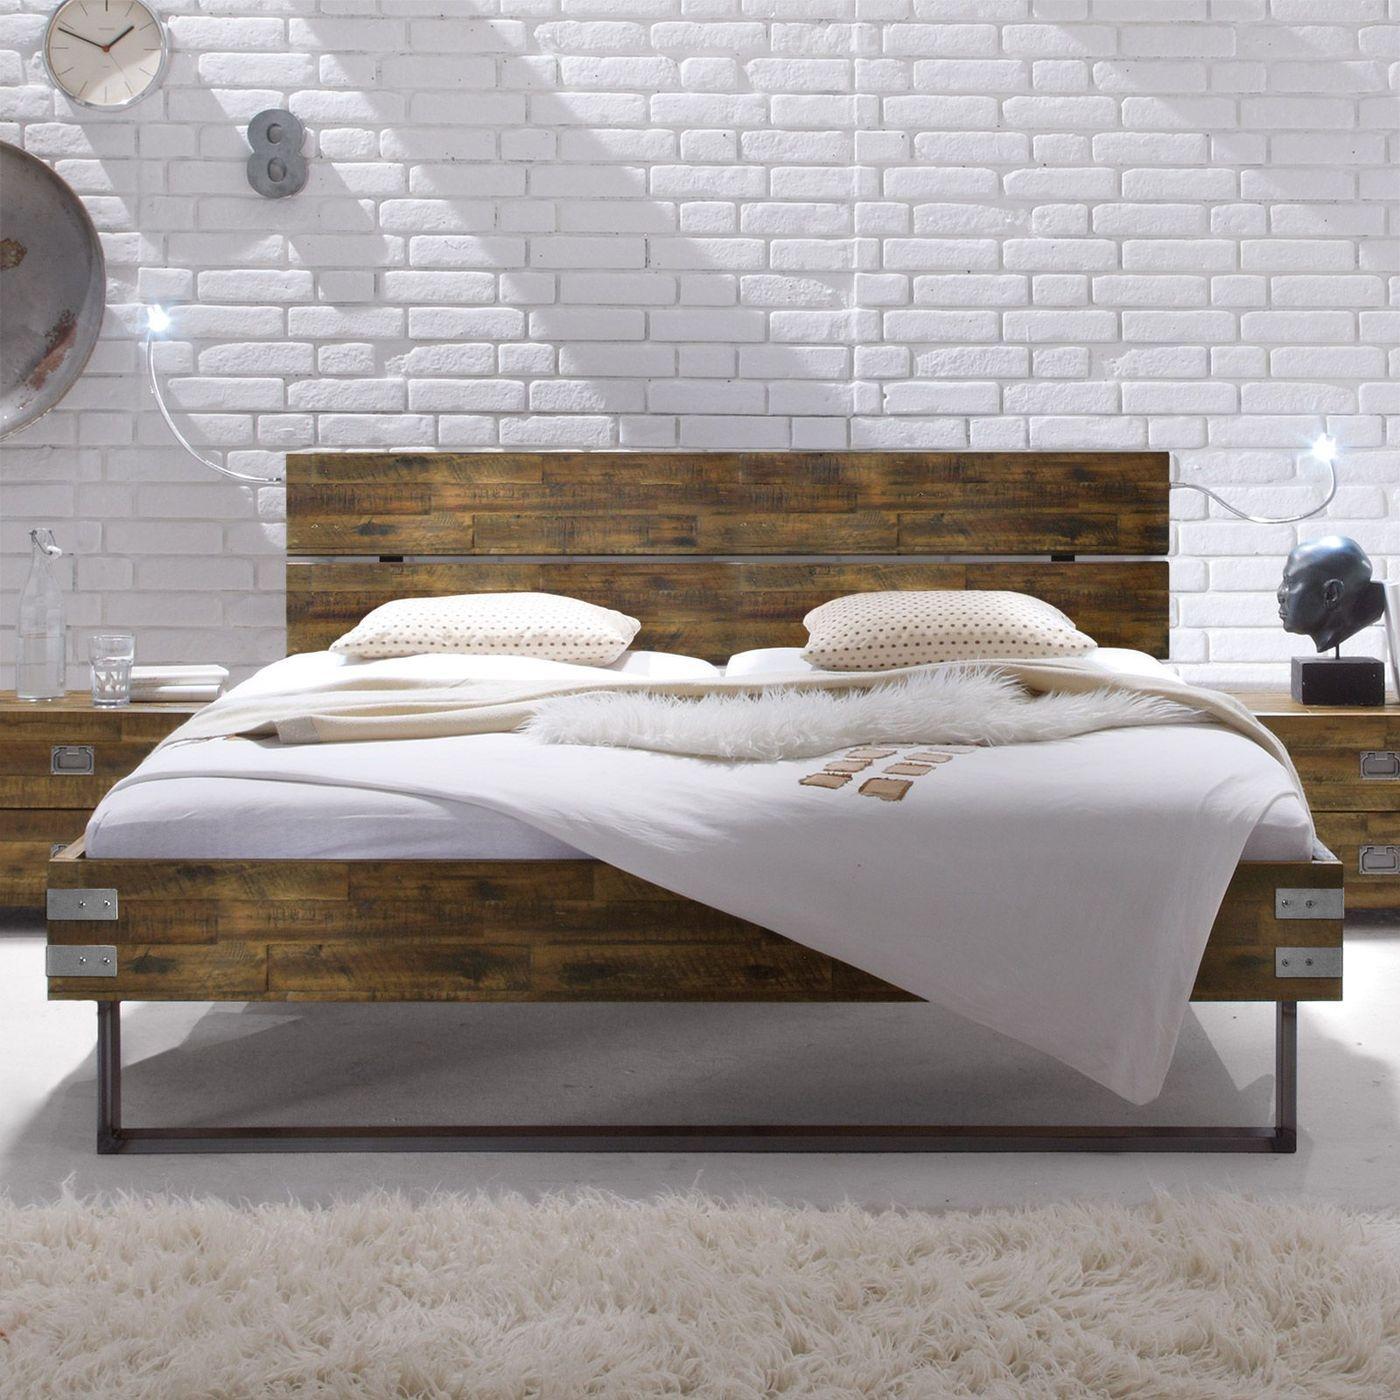 Full Size of Betten Holz Massivholzbett Aus Akazie Mit Stahlkufen Konna Team 7 Rauch 140x200 Massivholz Schlafzimmer Musterring Ruf Preise Ausgefallene Günstige Sofa Bett Betten Holz